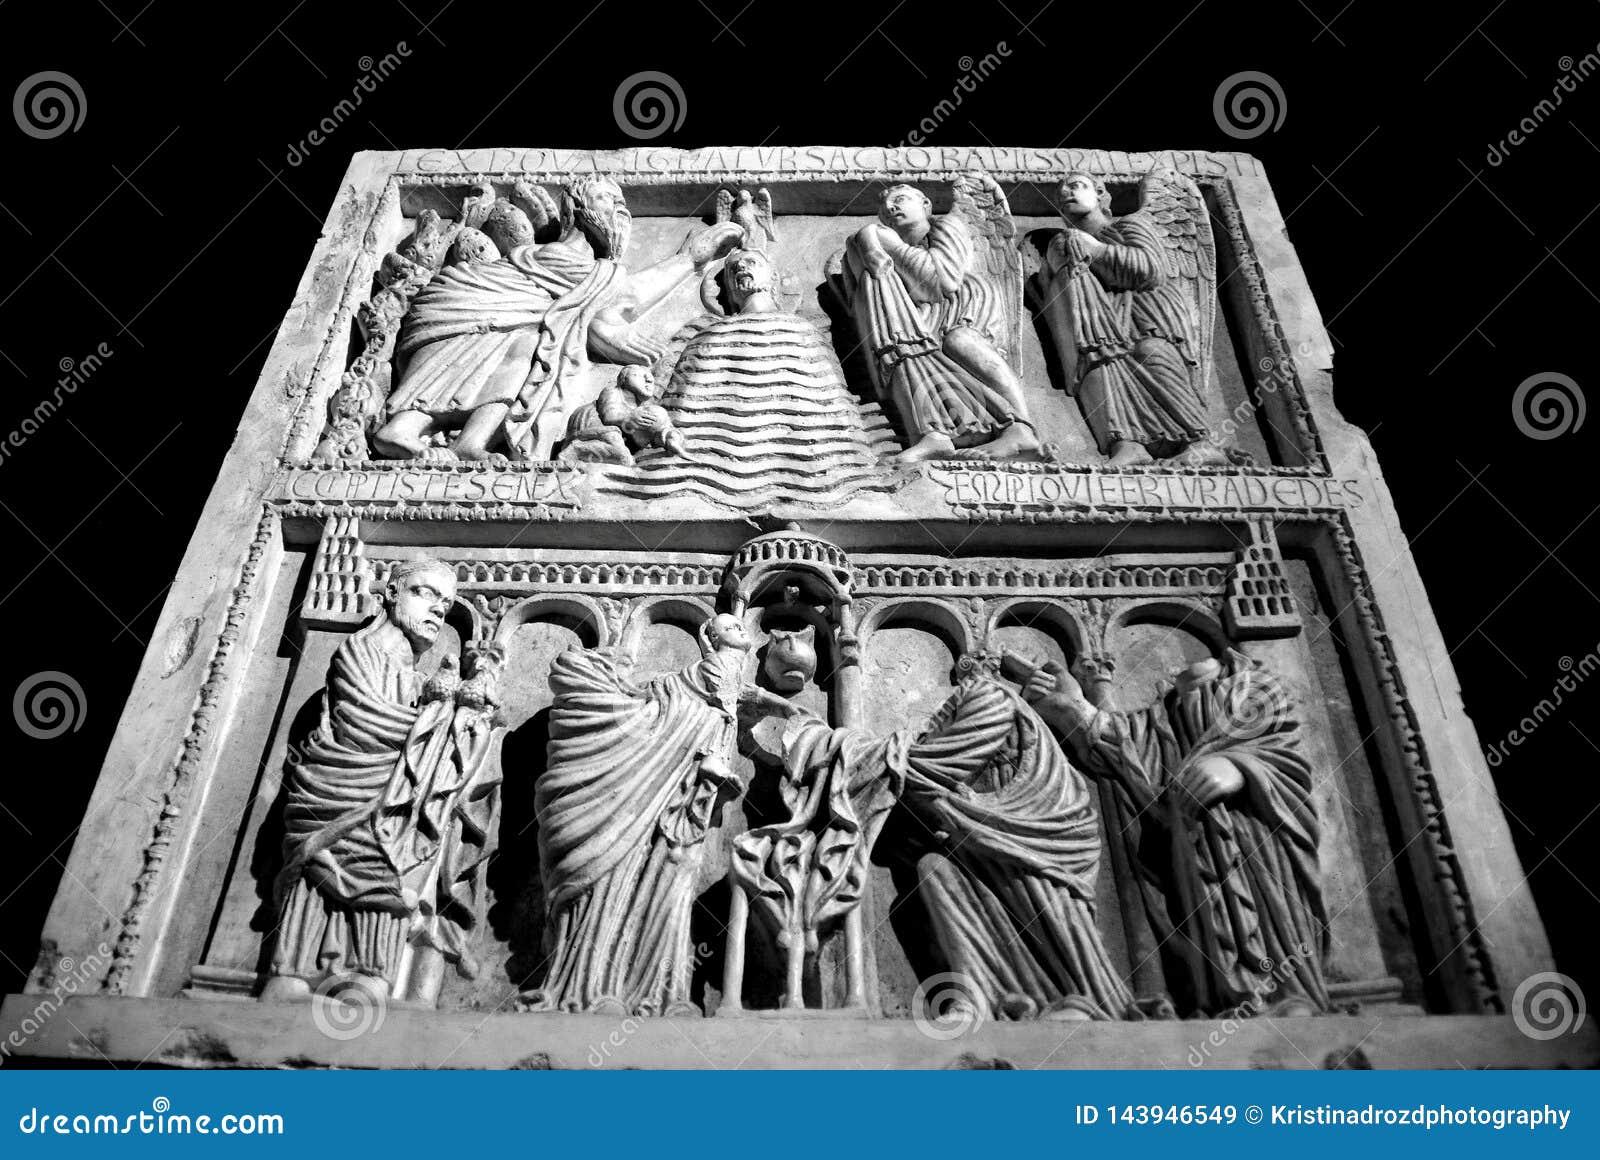 PISA, ITALIEN - CIRCA IM FEBRUAR 2018: Sinopie-Museum am Quadrat von Wundern